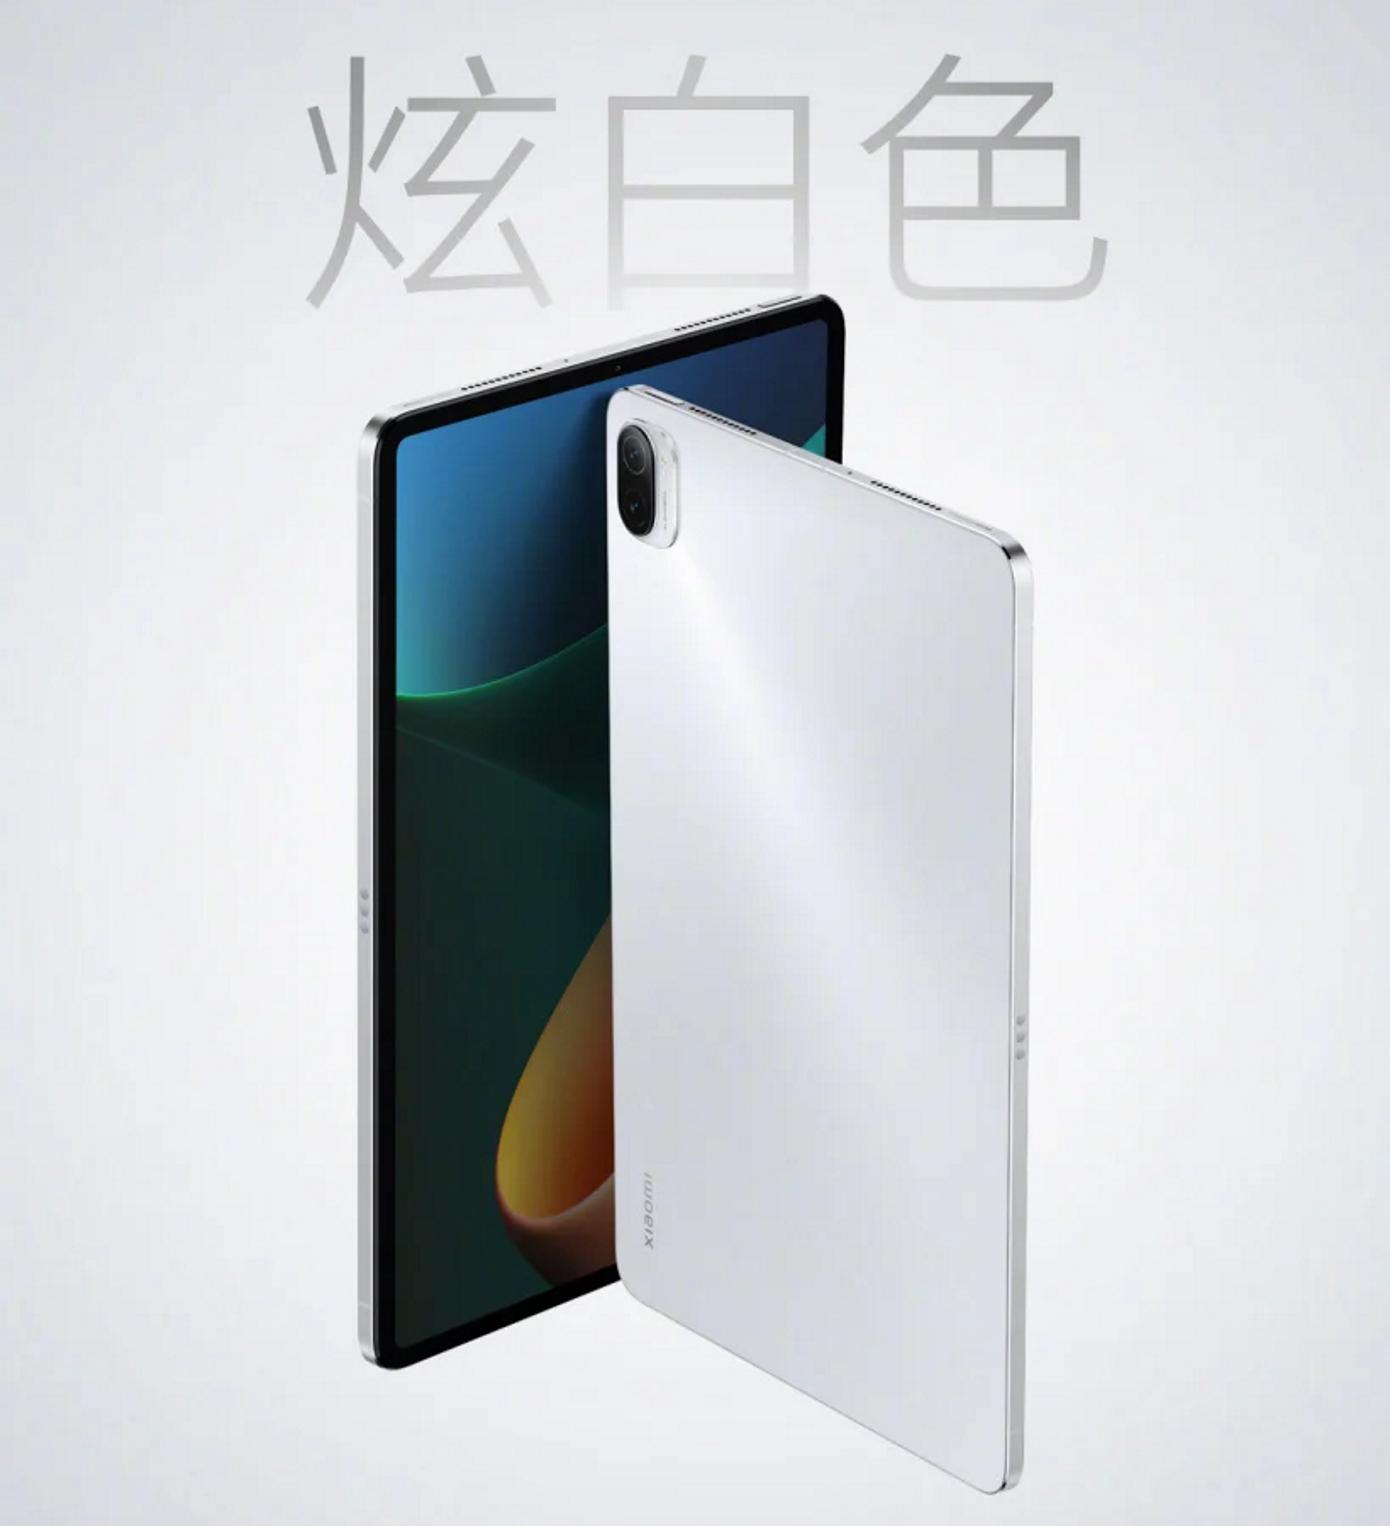 Itogi Prezentaczii Xiaomi 18